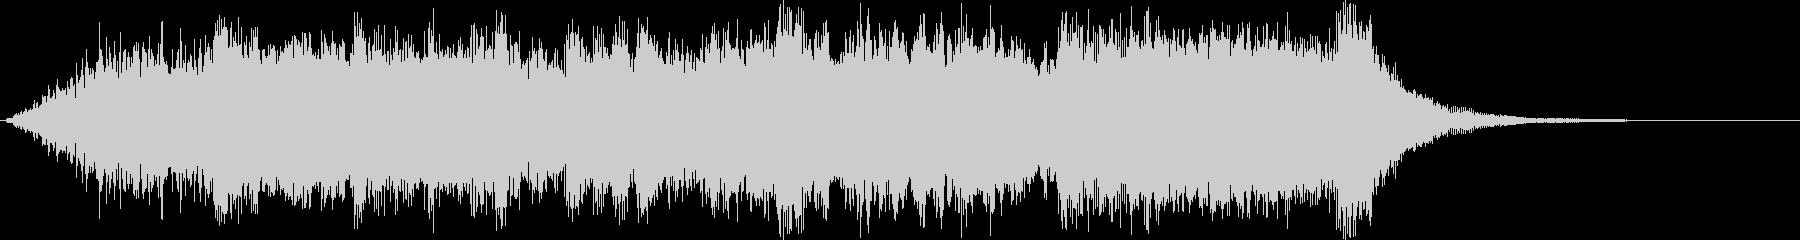 フィールドクリア (豪華なオーケストラ)の未再生の波形